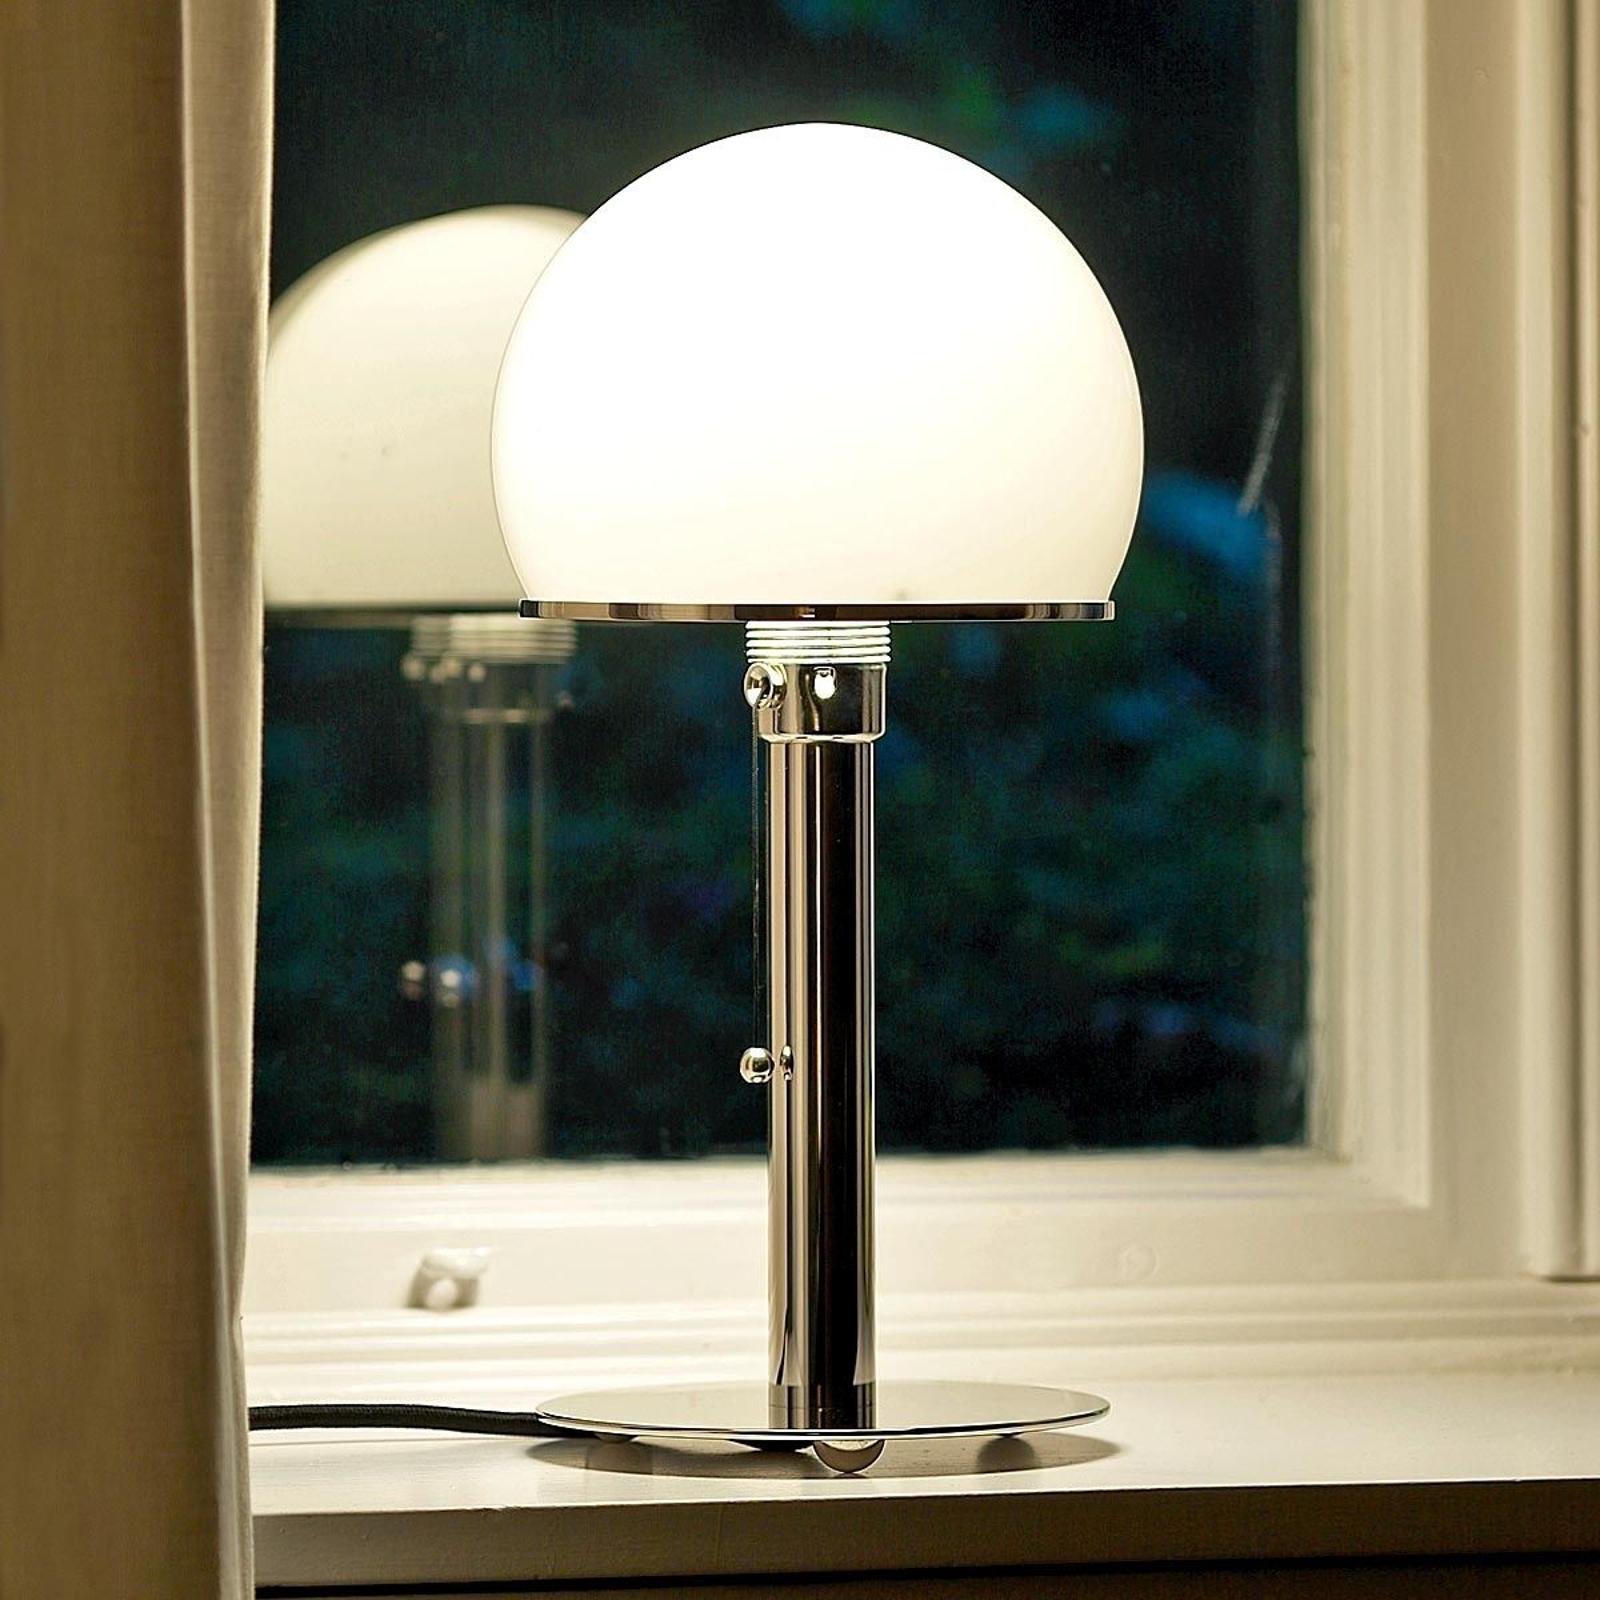 TECNOLUMEN Wagenfeld lampada da tavolo WA 24